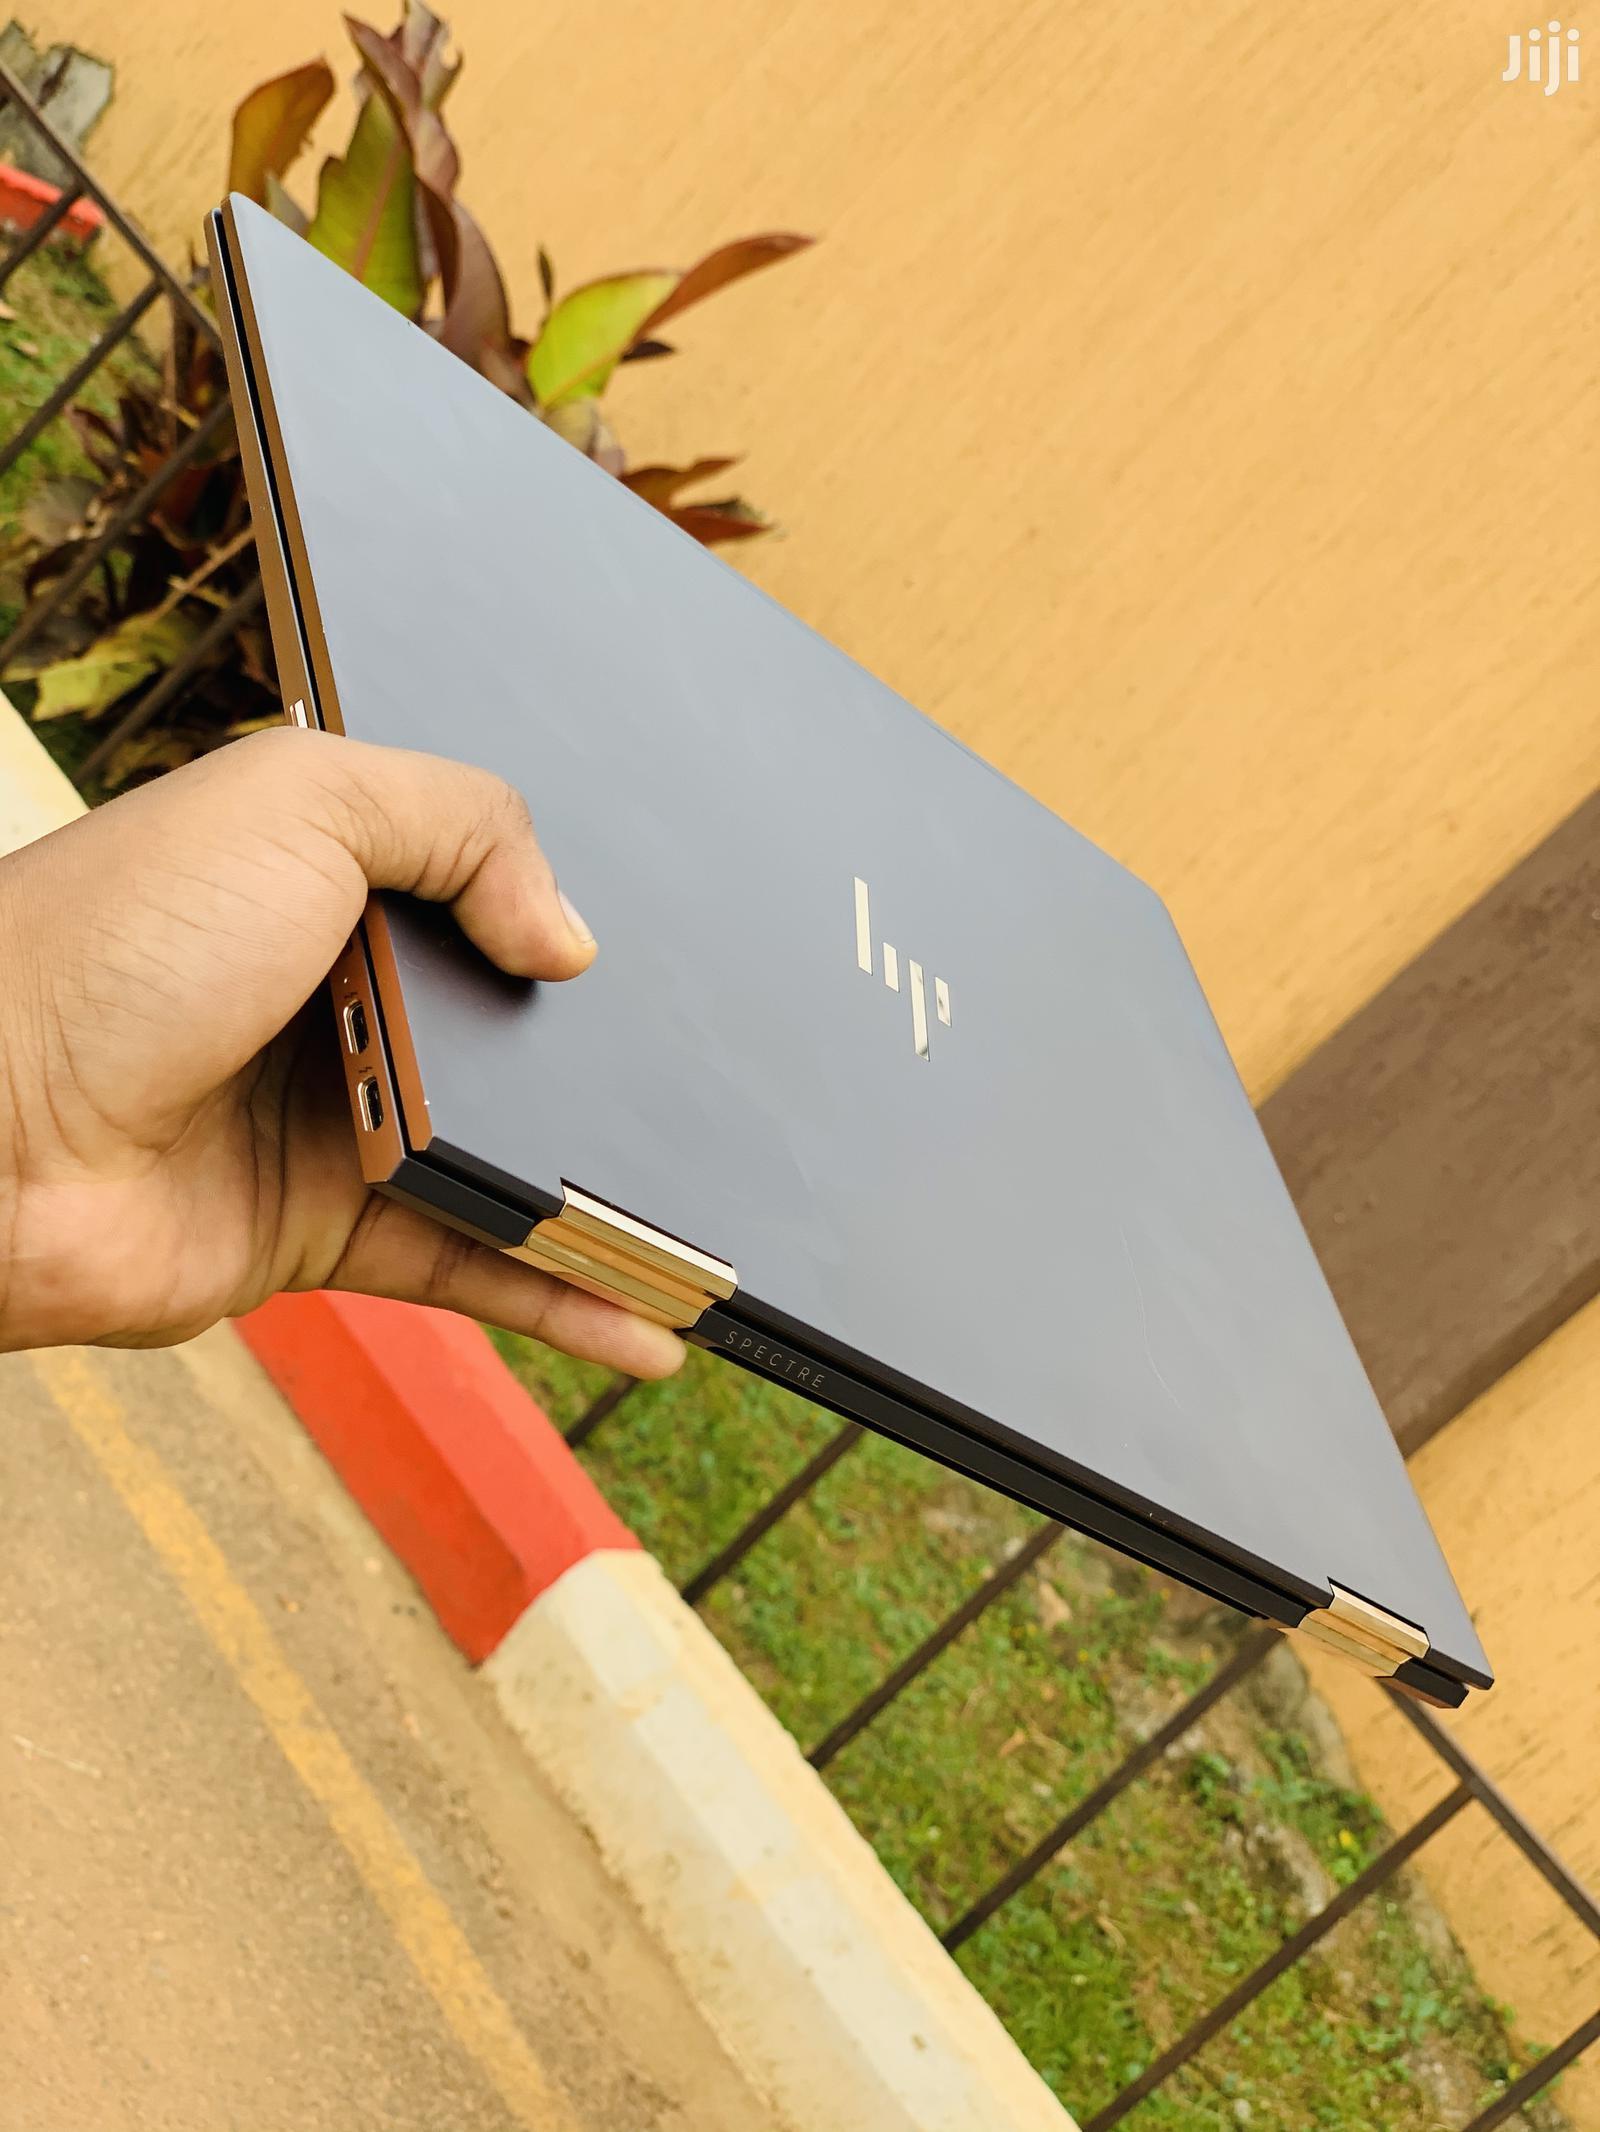 New Laptop HP Spectre 13t 16GB Intel Core I7 SSD 512GB